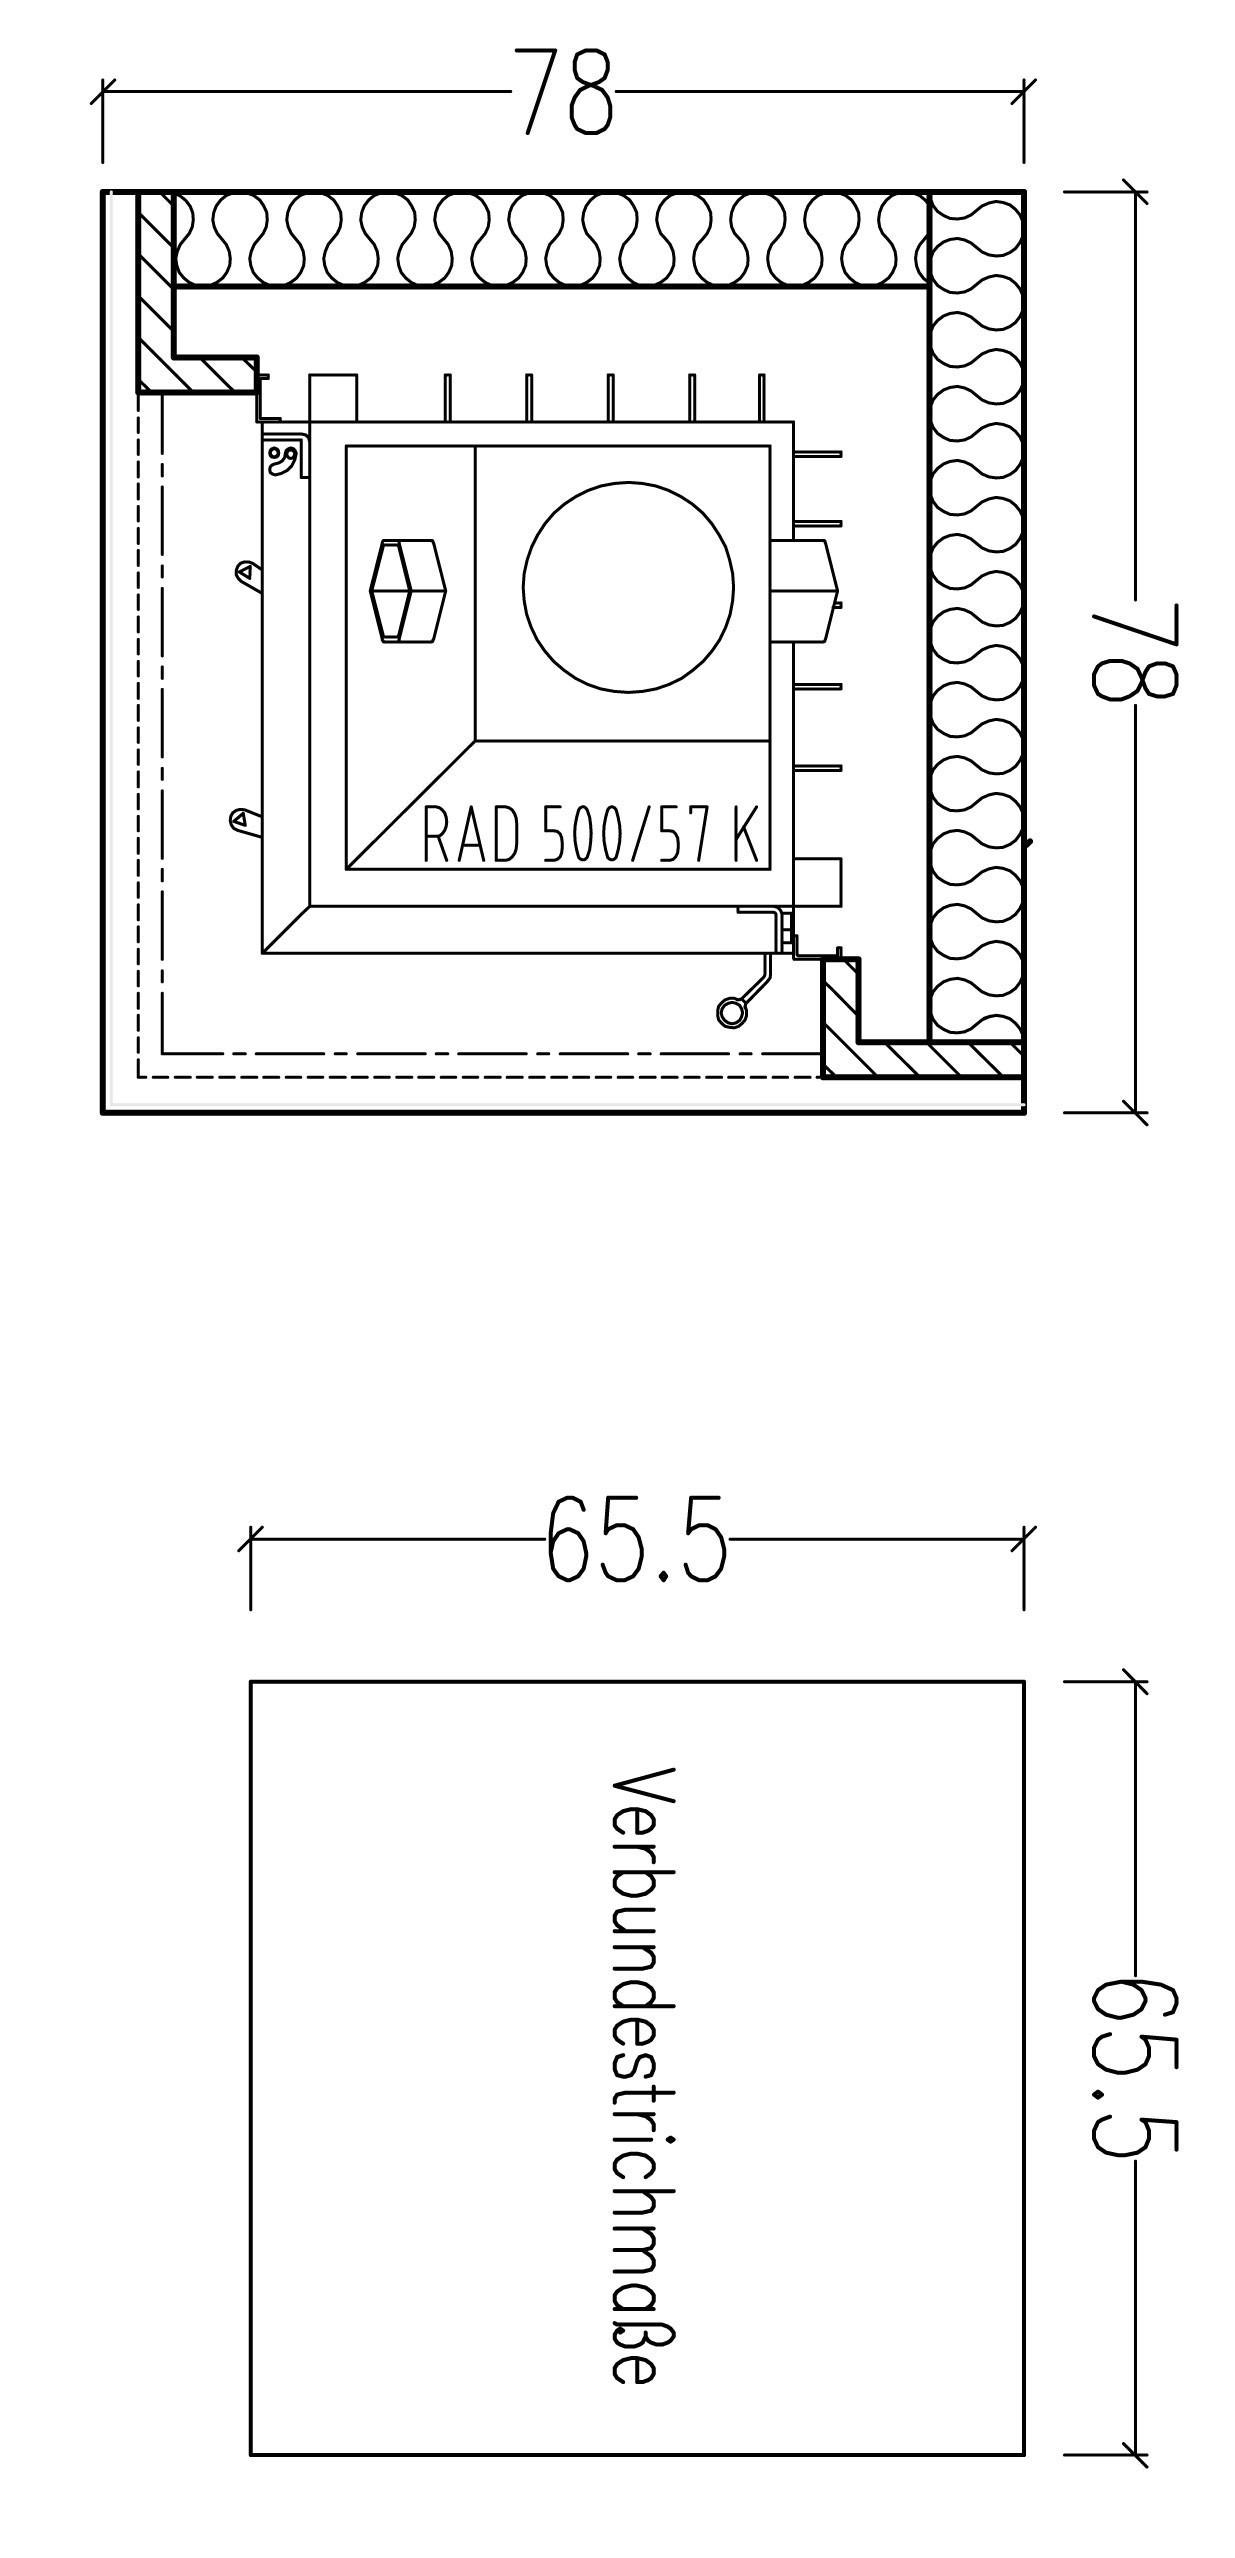 Kaminbausatz Hark Easy 500 mit Regal und Radiante 500/57K Granit 5 kW Bild 2